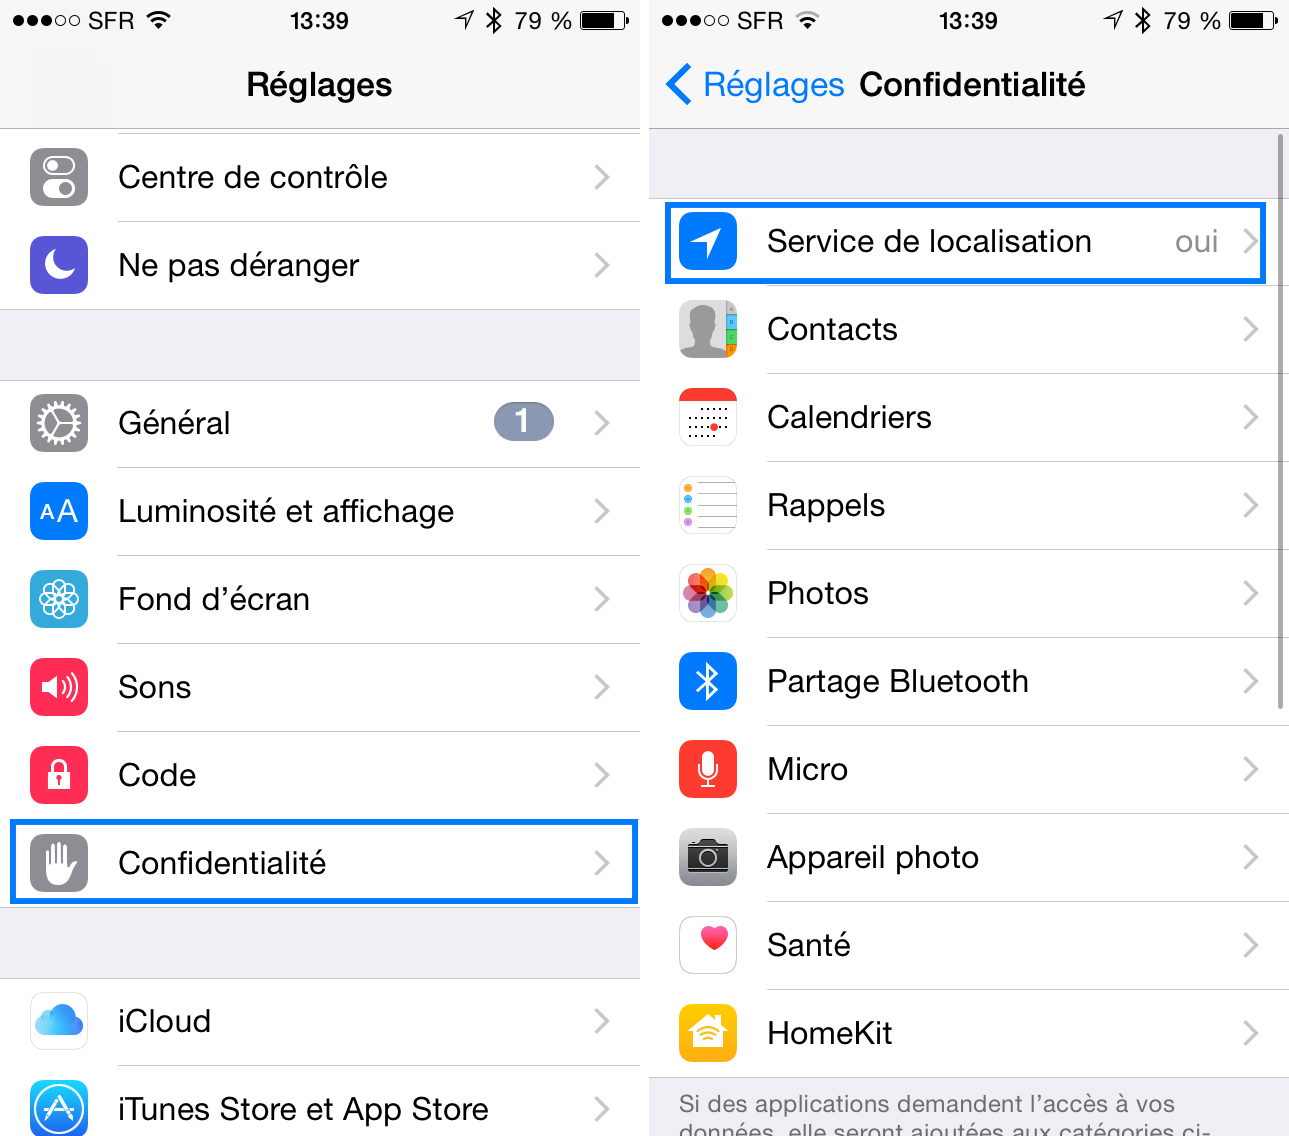 Activer ou désactiver le service de localisation pour des apps spécifiques